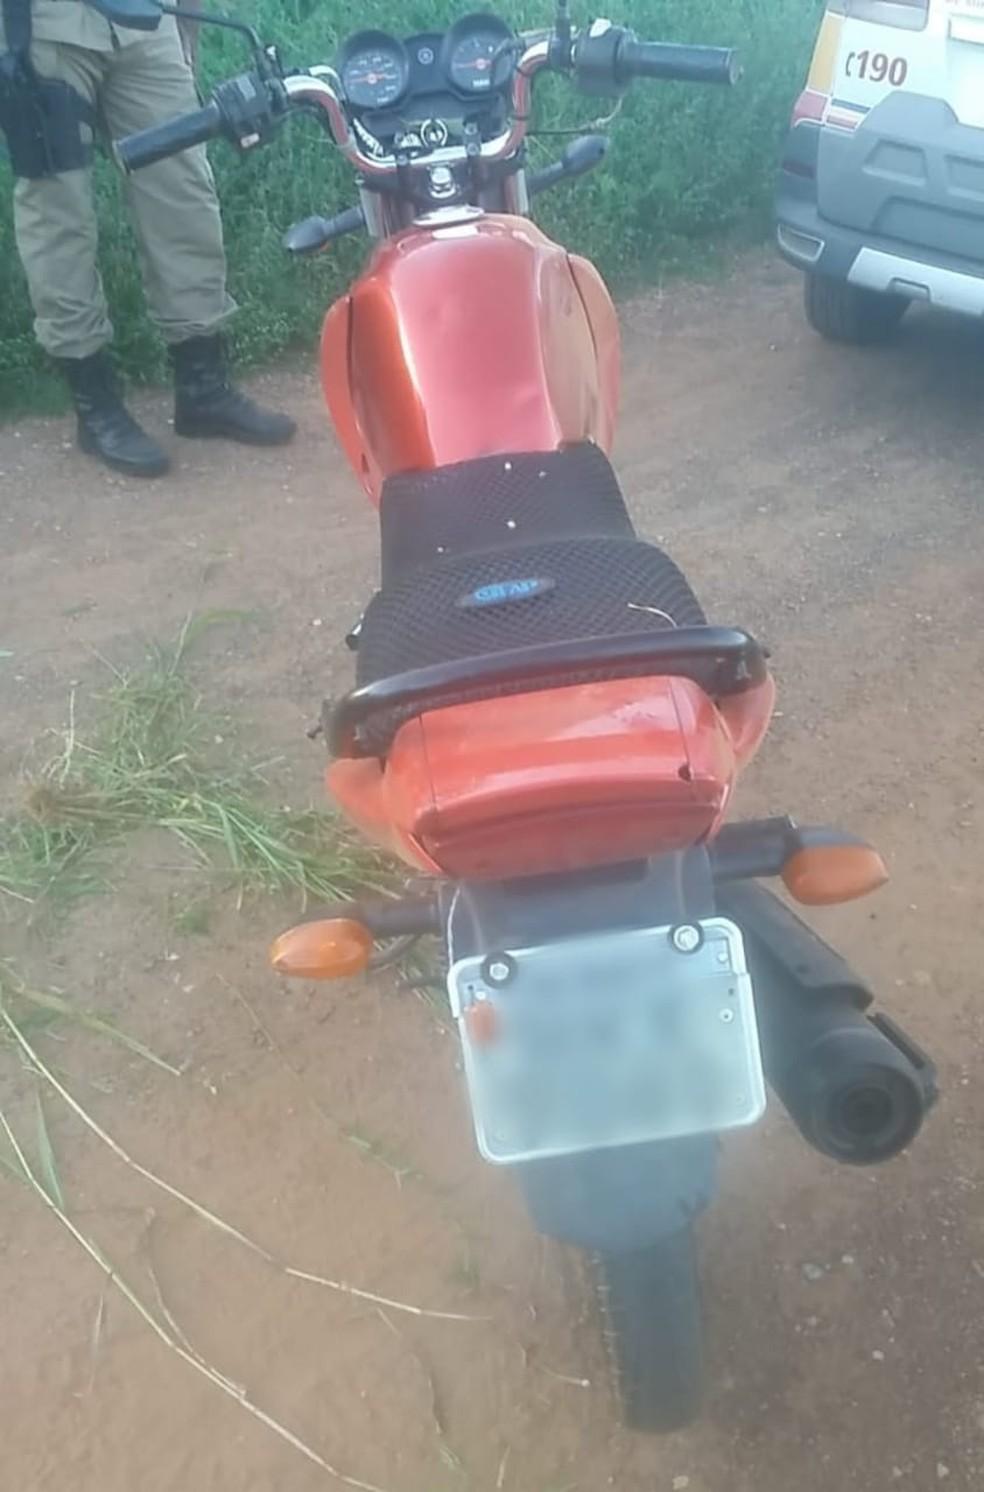 Moto apreendida pela PM em Buritis — Foto: Polícia Militar/Divulgação